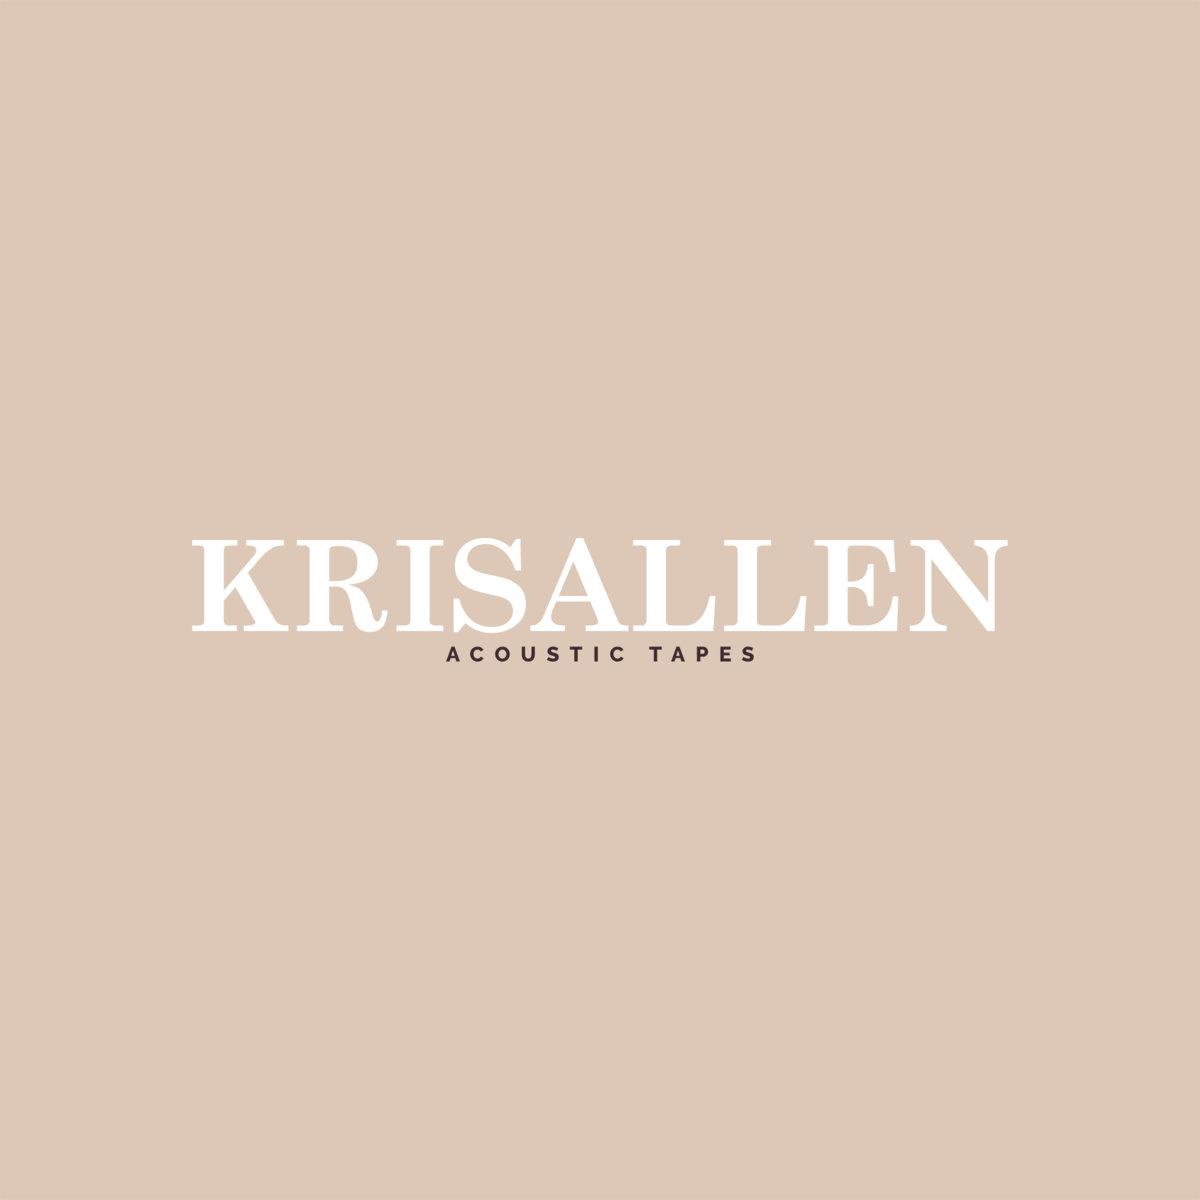 Kris Allen Acoustic Tapes